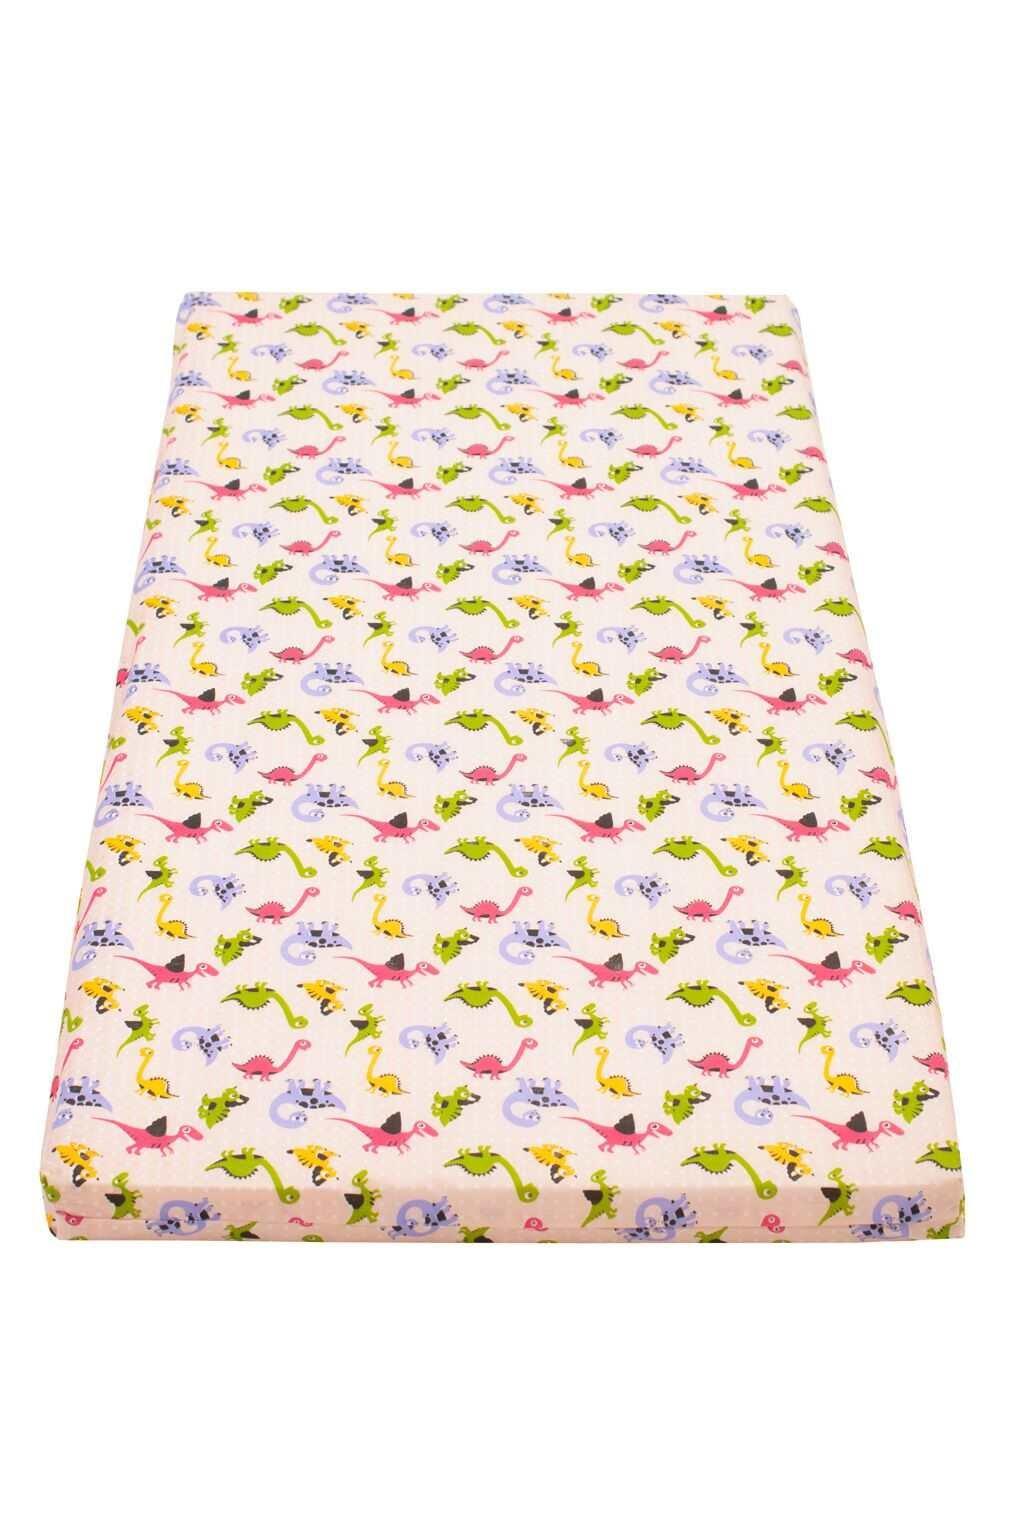 Detský matrac New Baby 120x60 molitan-kokos ružový rôzne obrázky